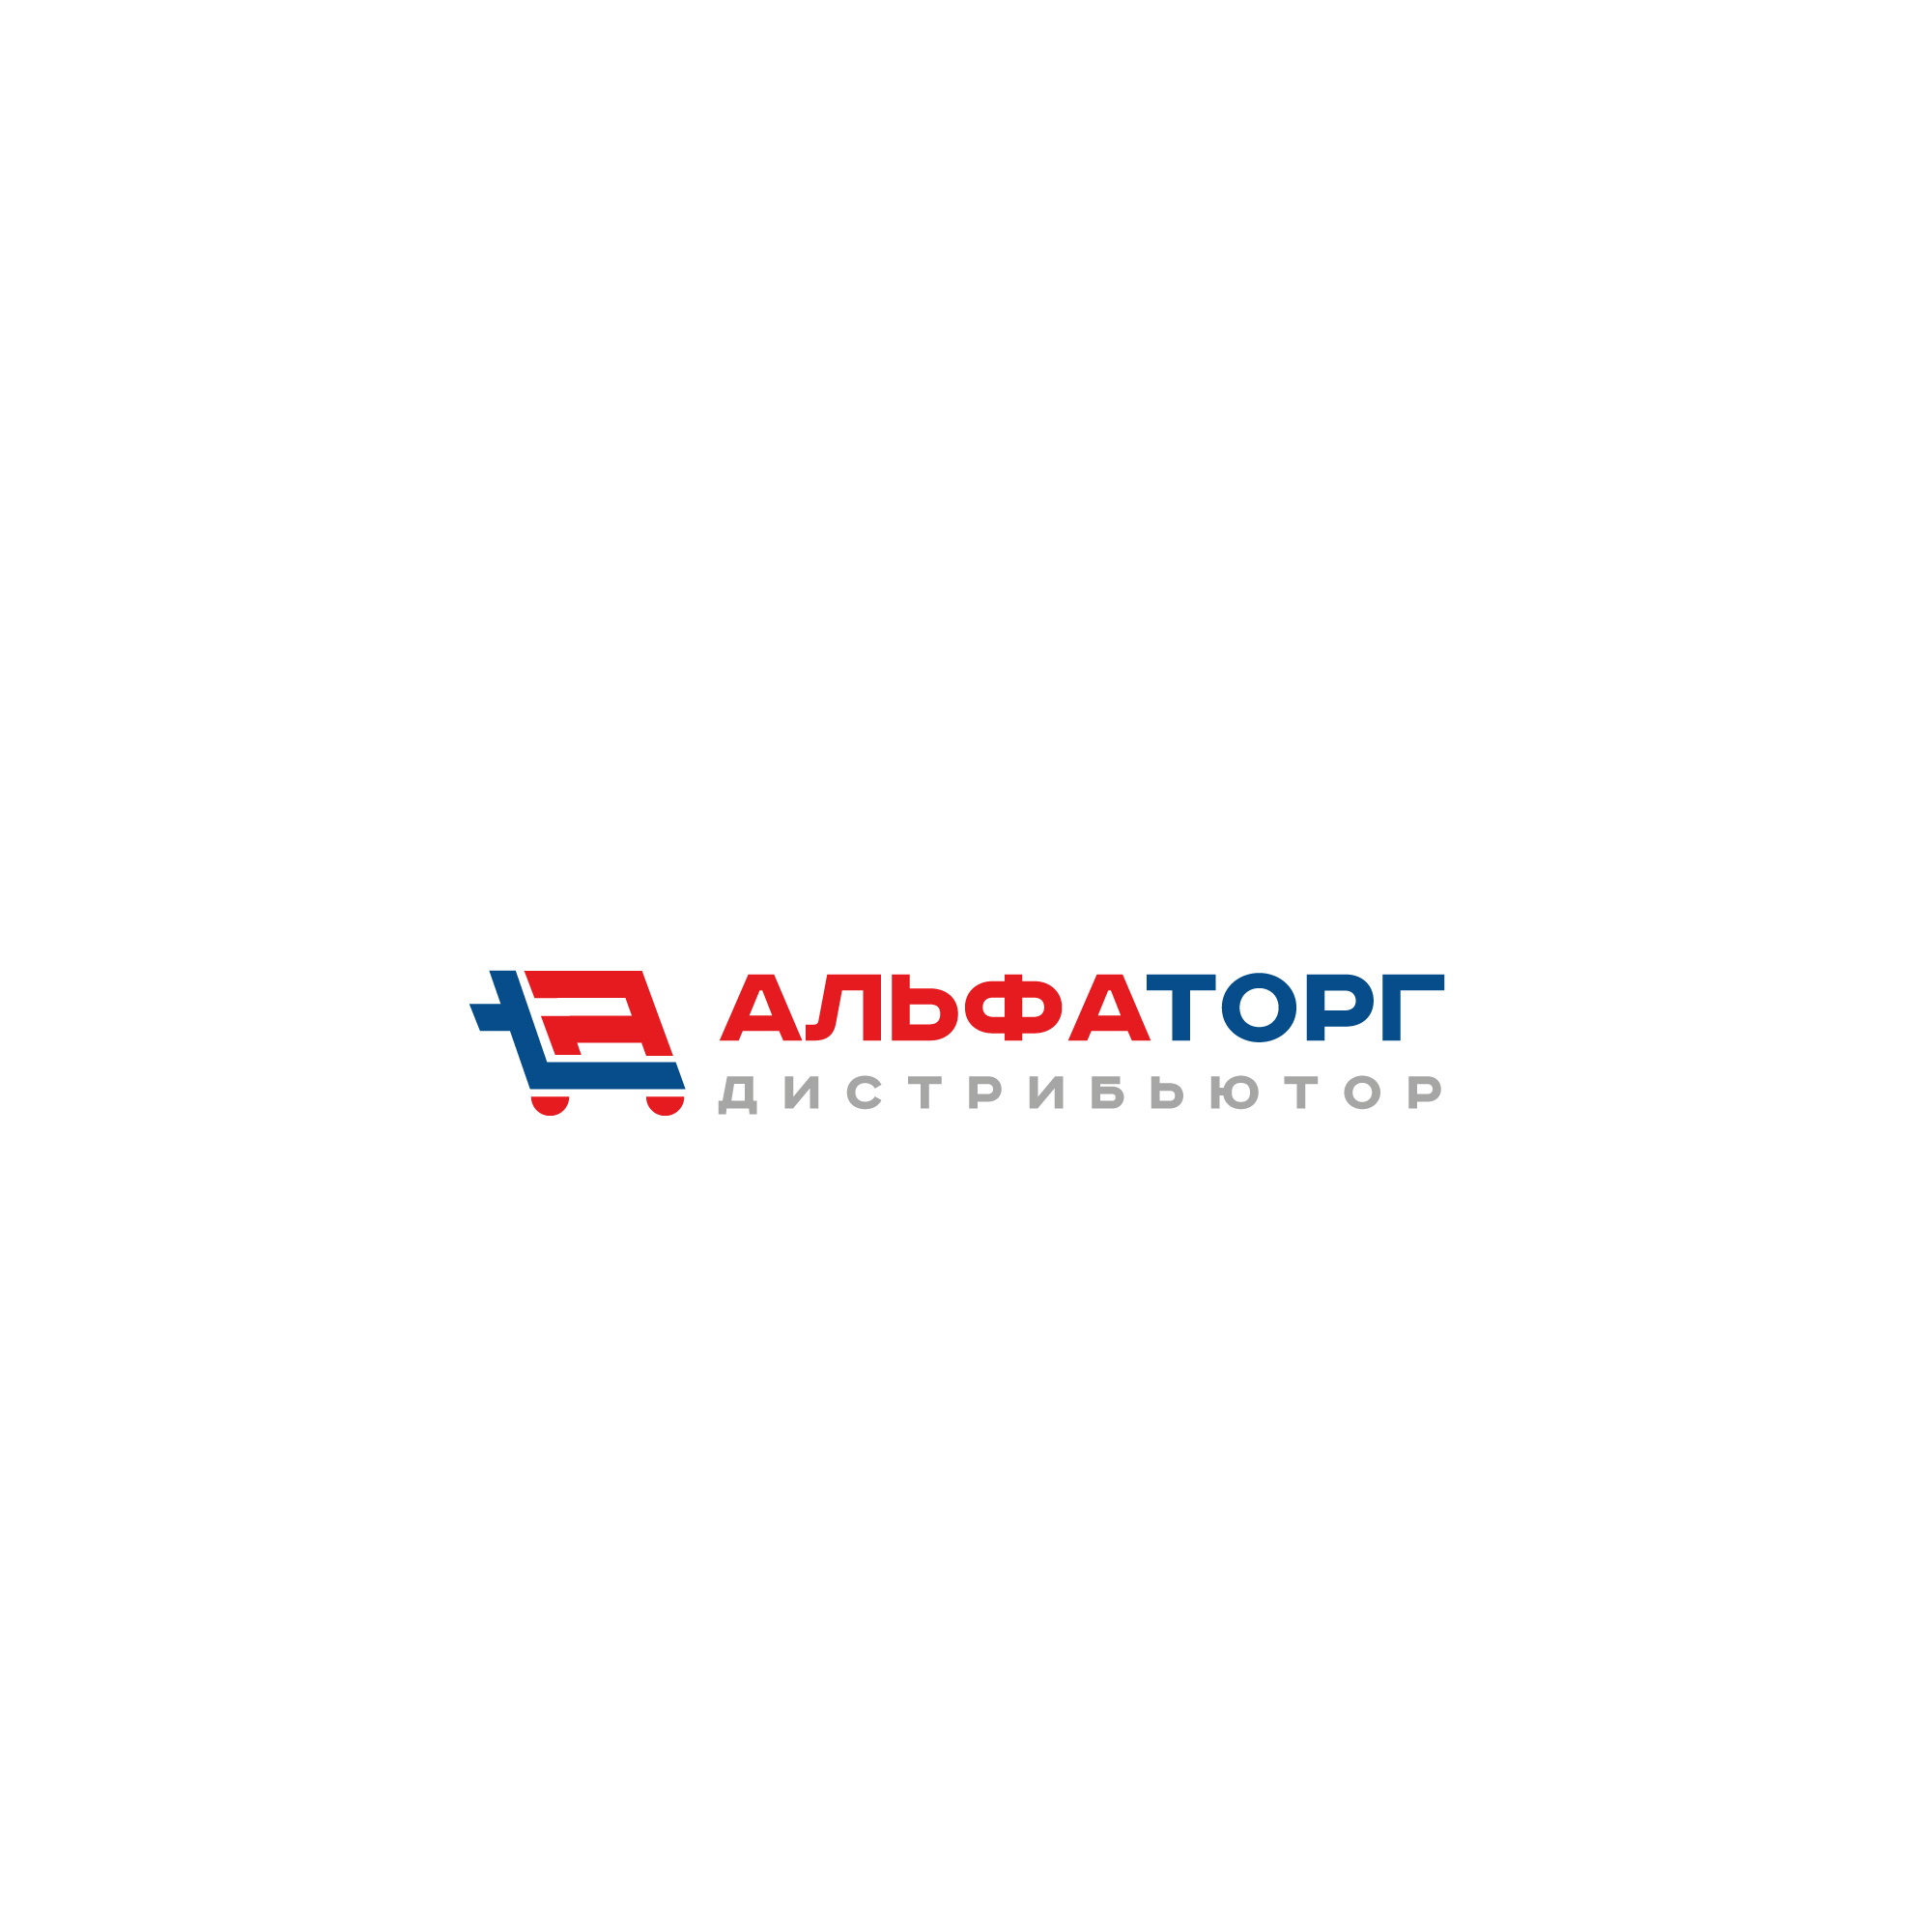 Логотип и фирменный стиль фото f_2195f046050e85d1.jpg